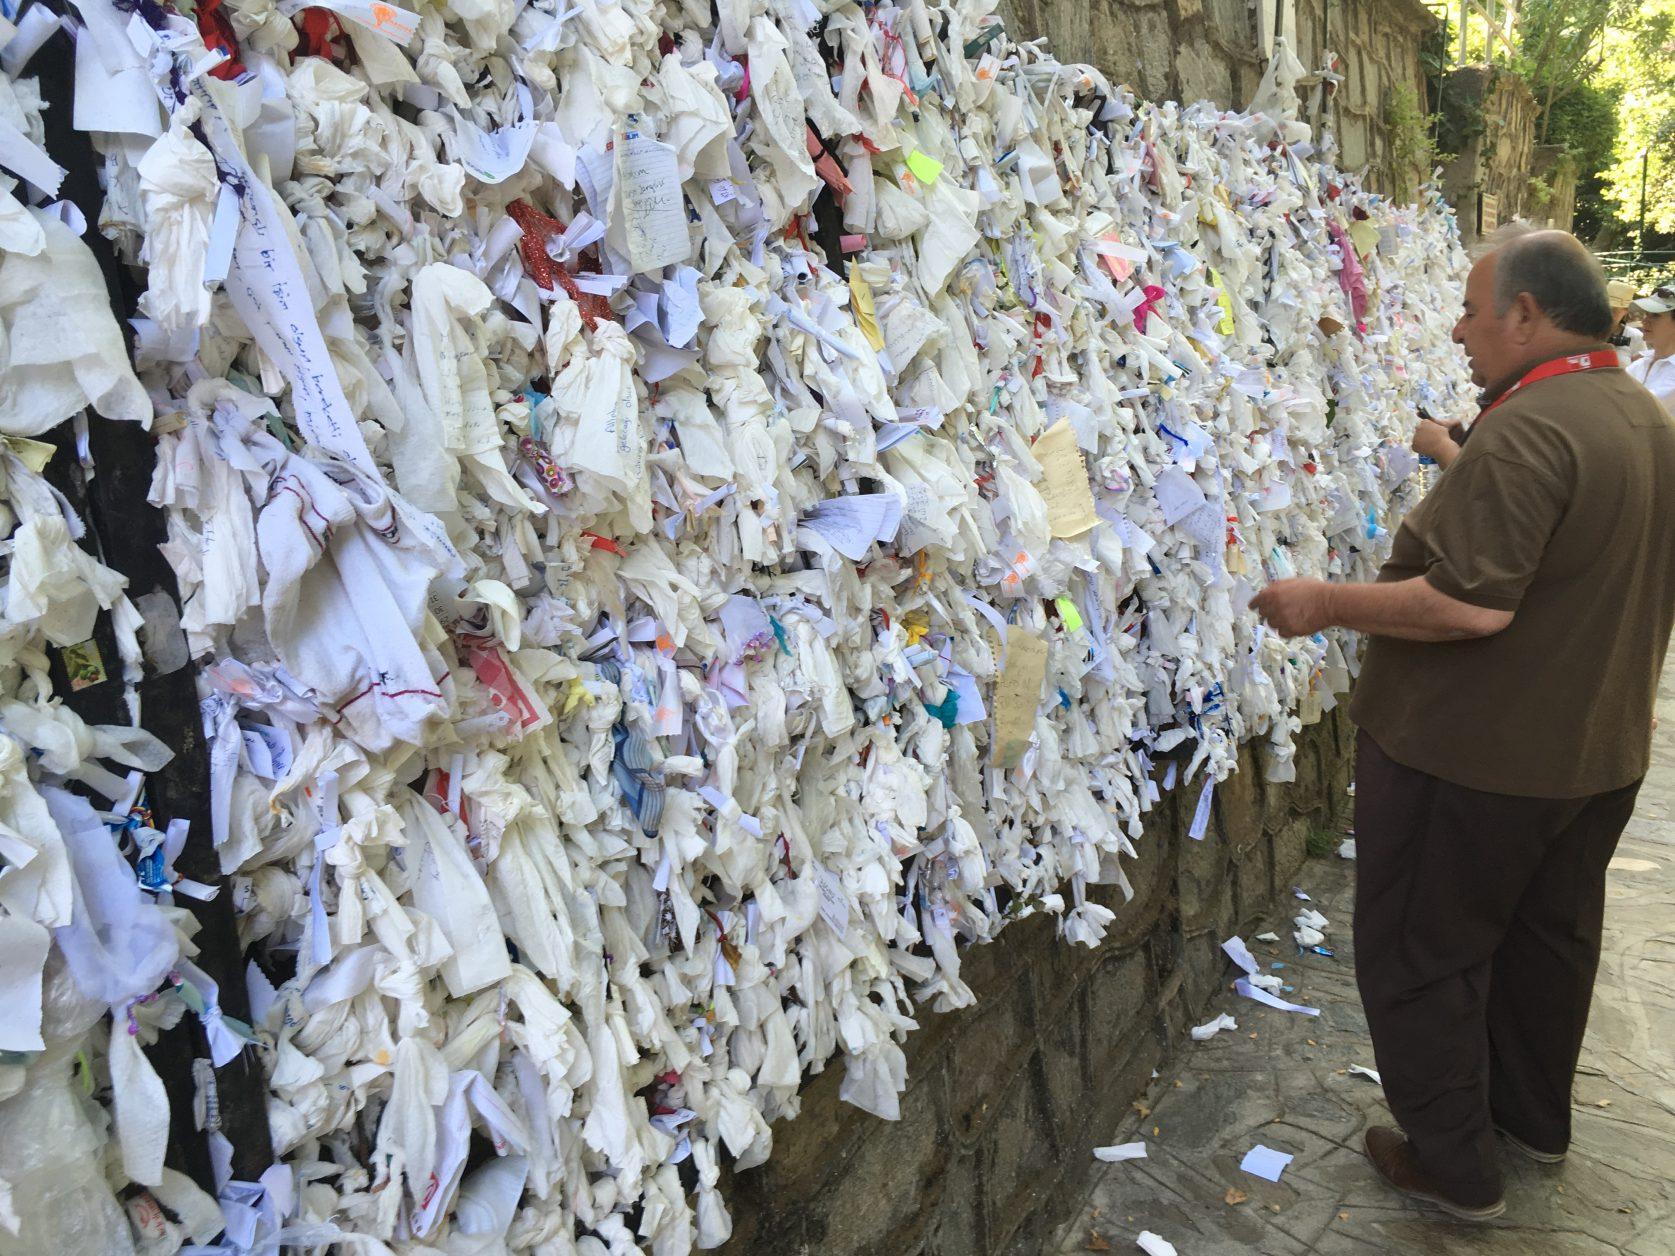 An der Mauer der Brunneneinfassung befestigen Pilger tausende von Zetteln mit ihren Gebetswünschen.